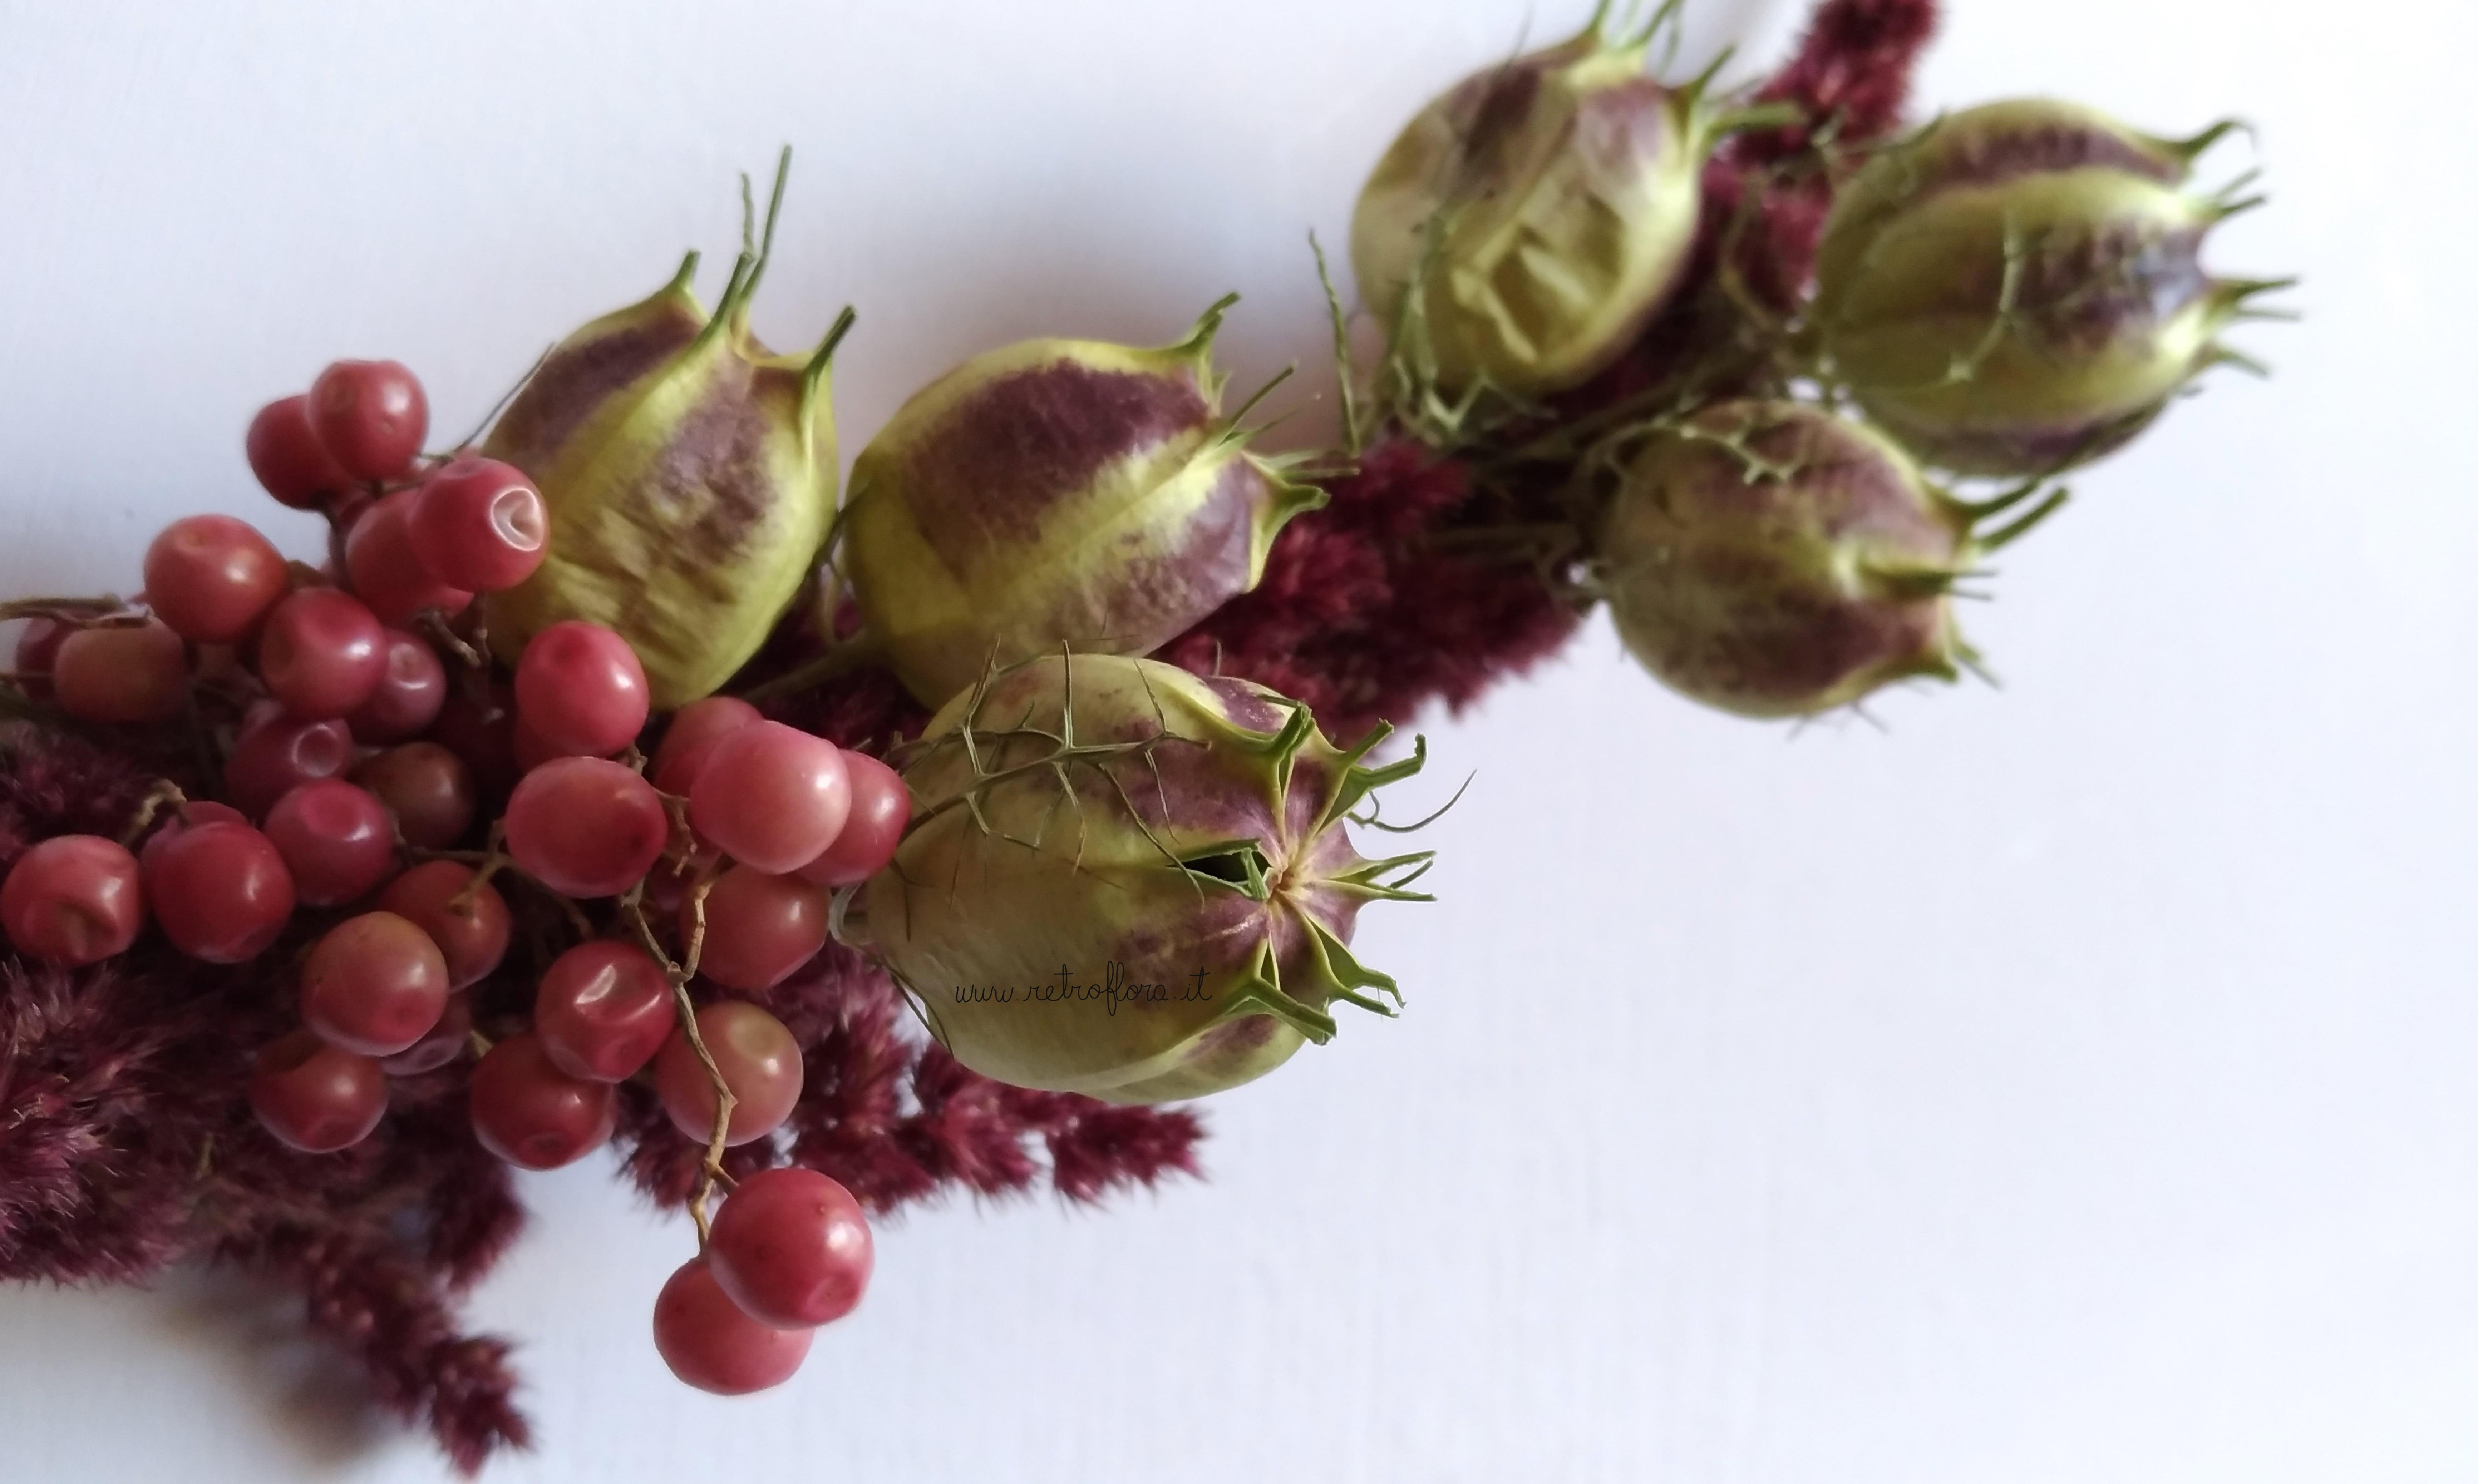 La Sfida dei Fiori Secchi, ghirlanda fiori secchi, ghirlanda retroflora, fiori secchi